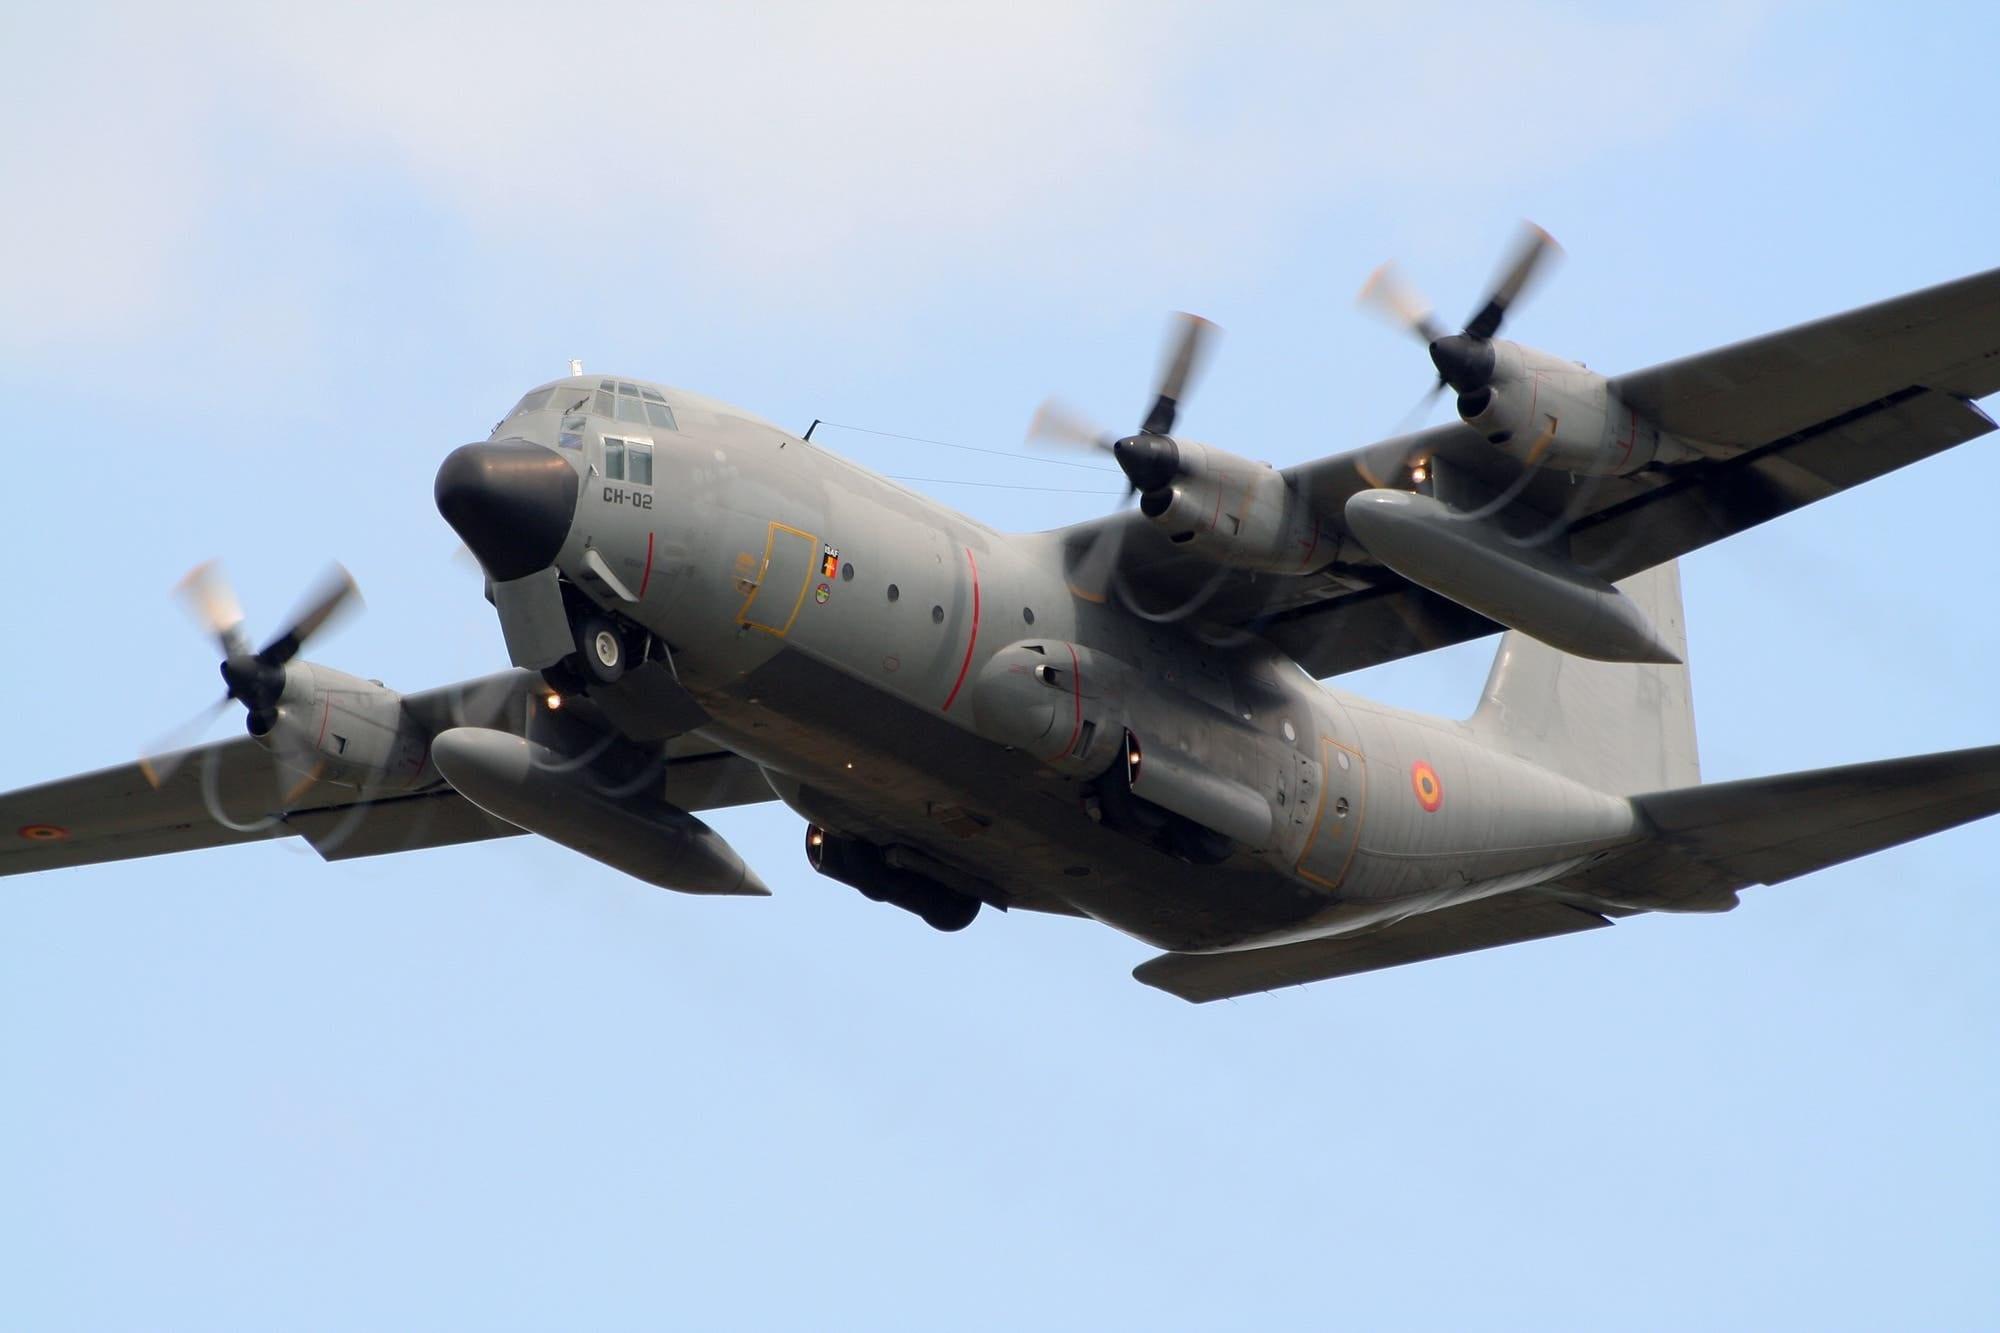 Hrcules C 130 C Est L Avion Qui A Disparu Au Chili Vers L Antarctique Avec 38 Personnes A Bord